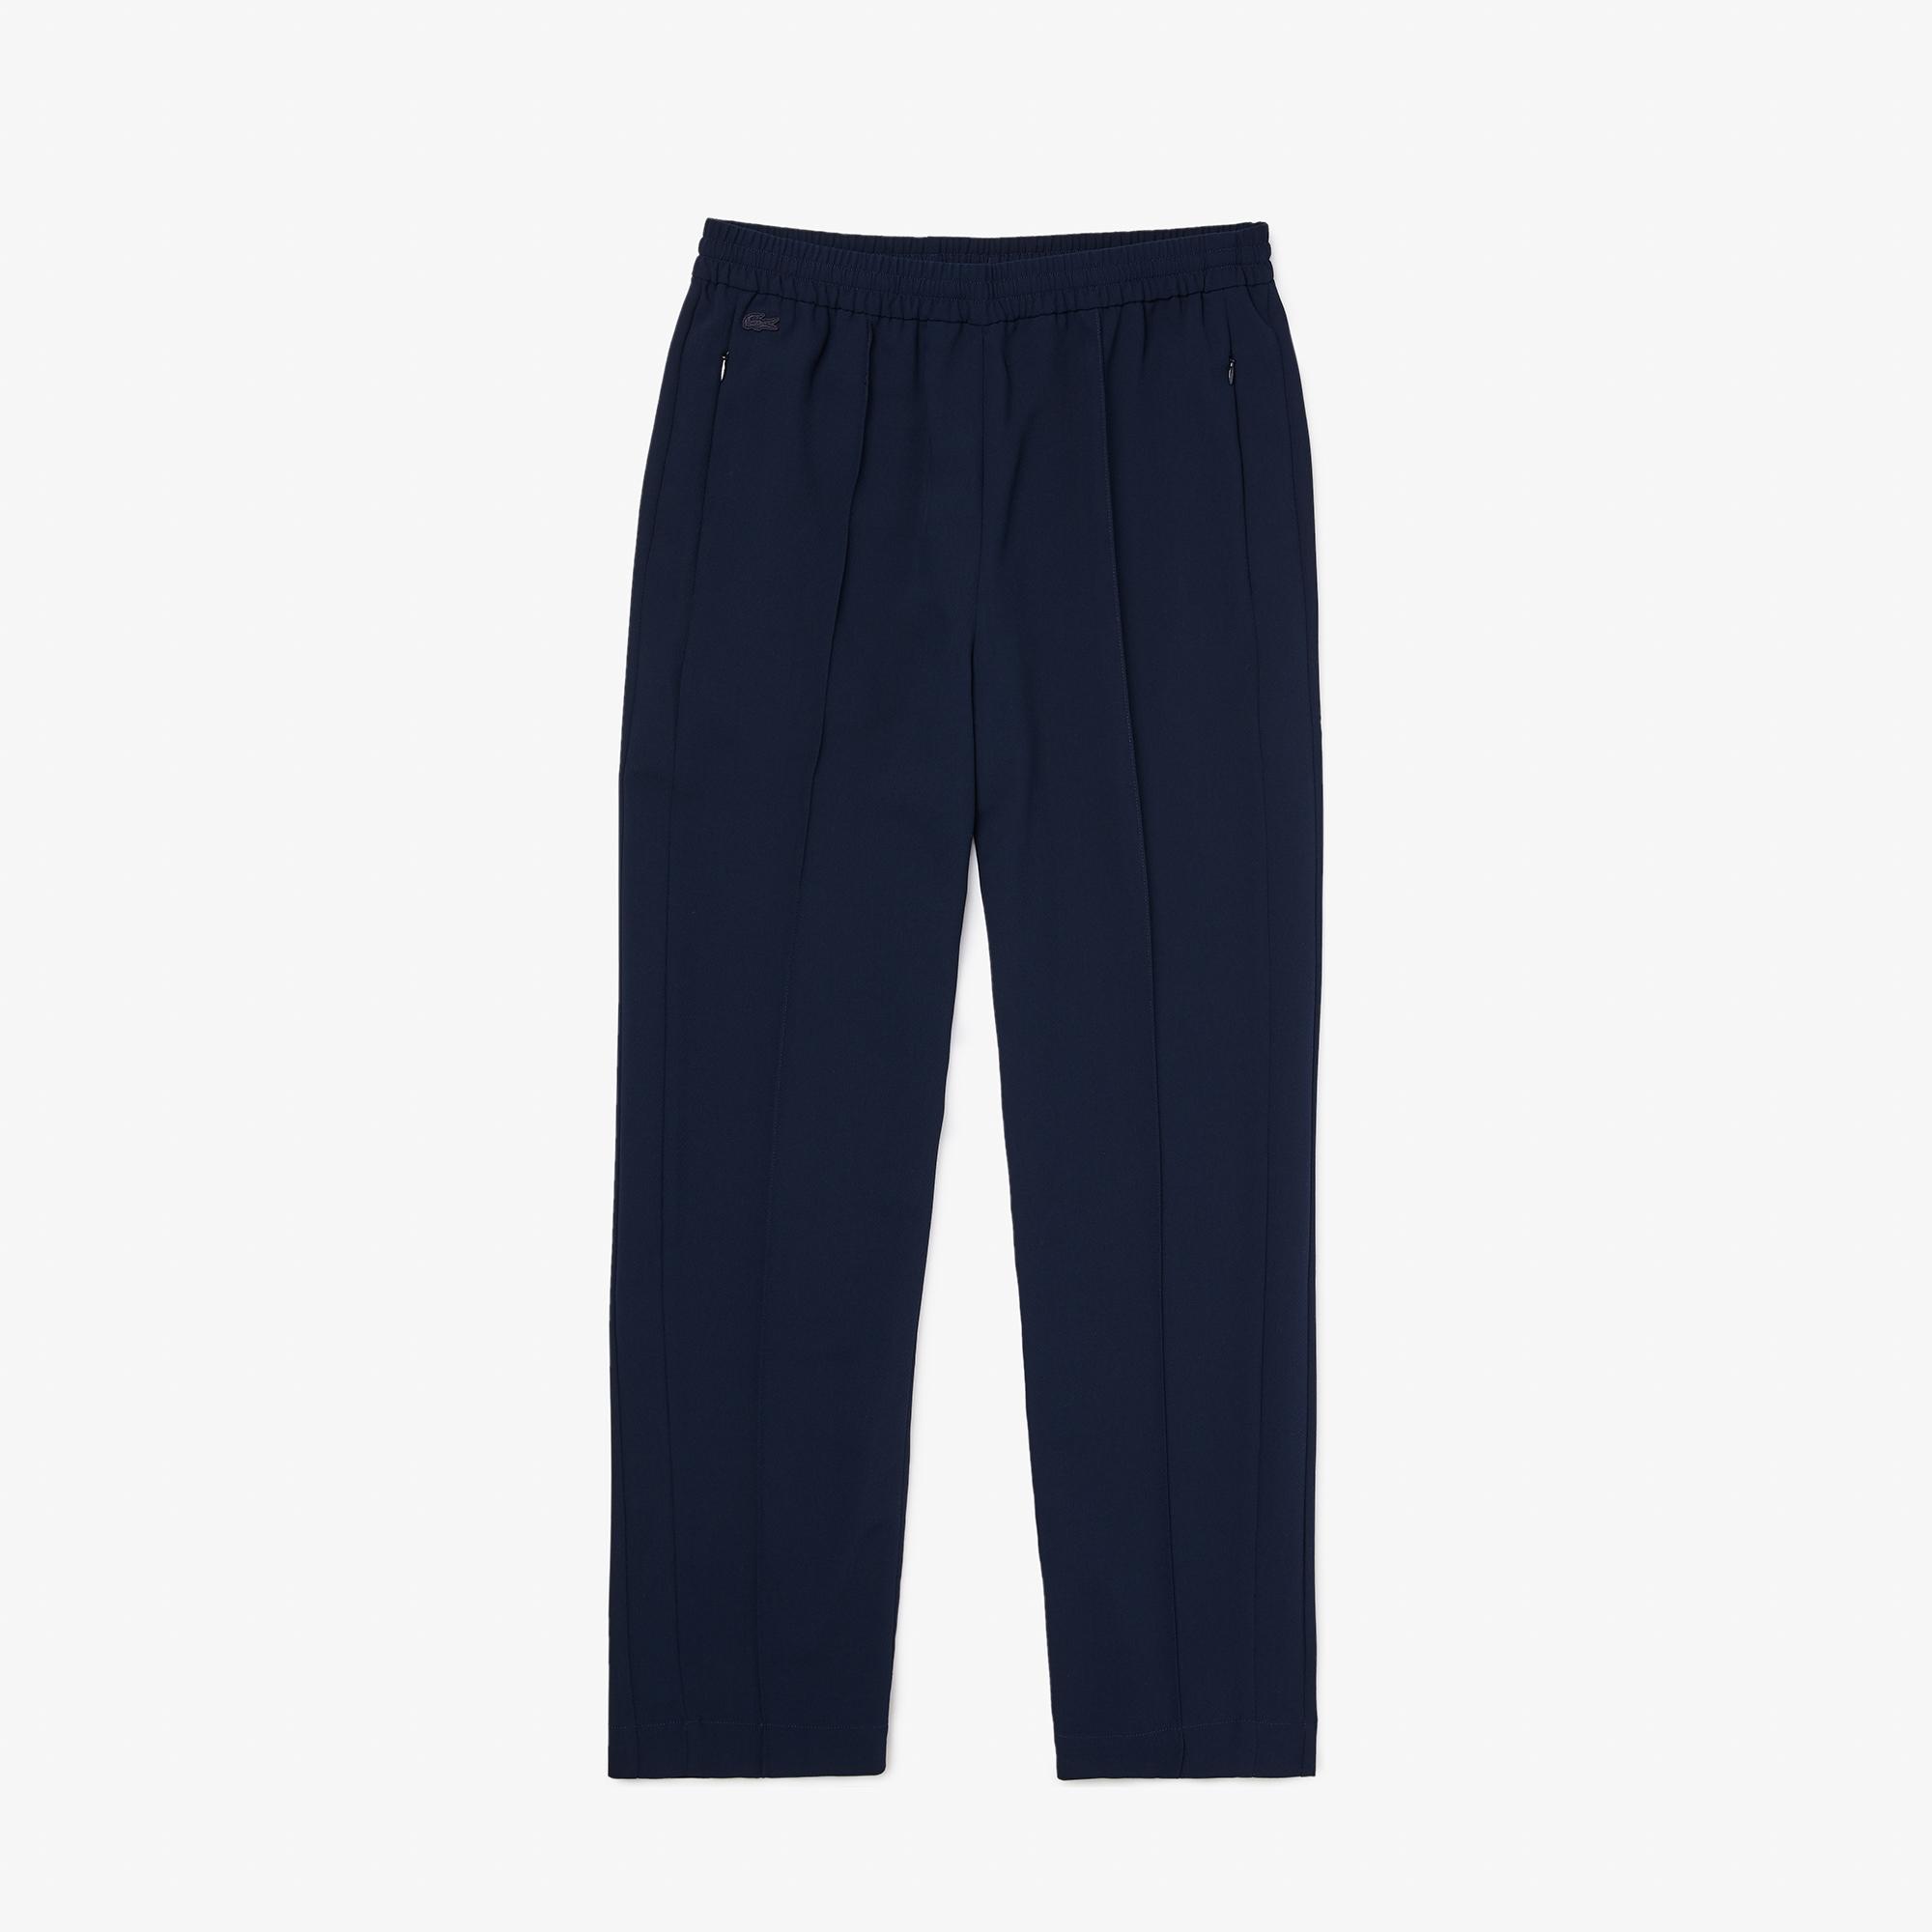 Lacoste Damskie Spodnie Dresowe Z Kontrastowym Paskiem